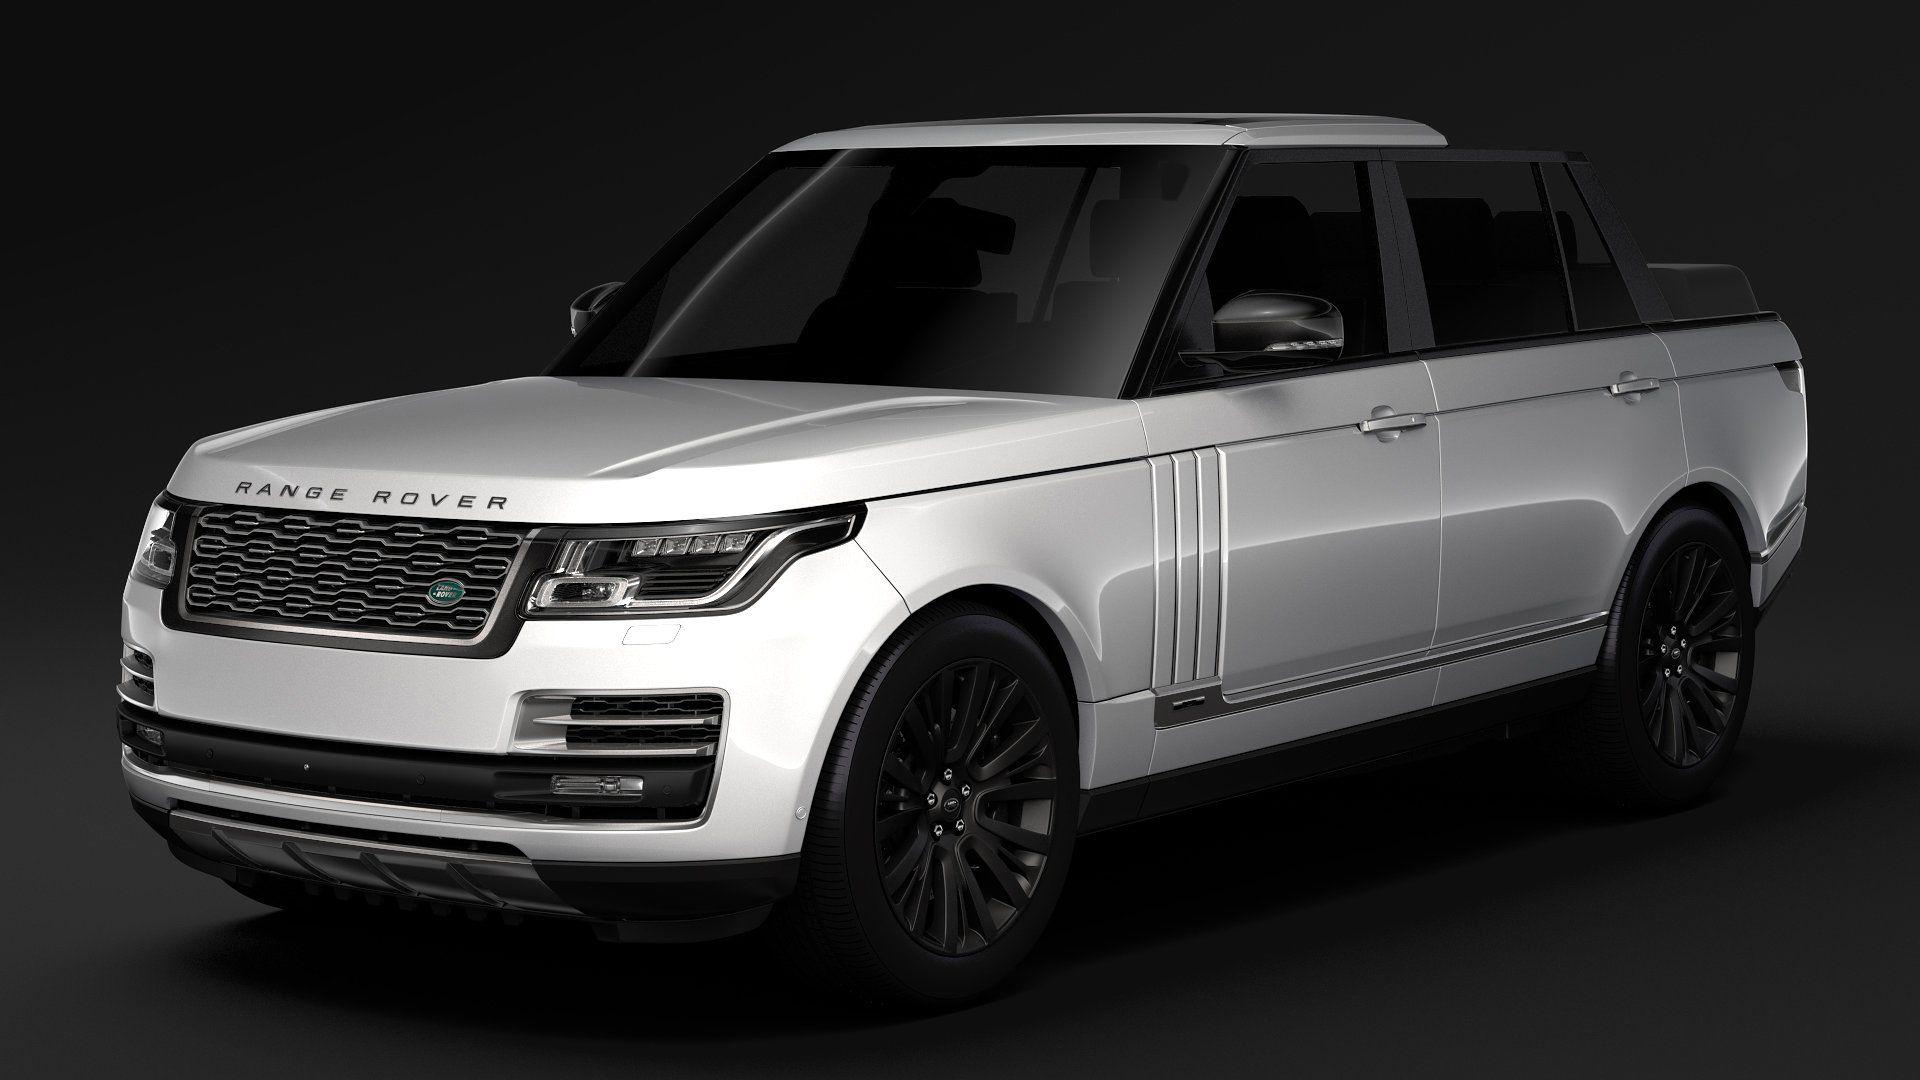 Range Rover Svautobiography Landaule Range Rover Vogue Autobiography Range Rover Team Models